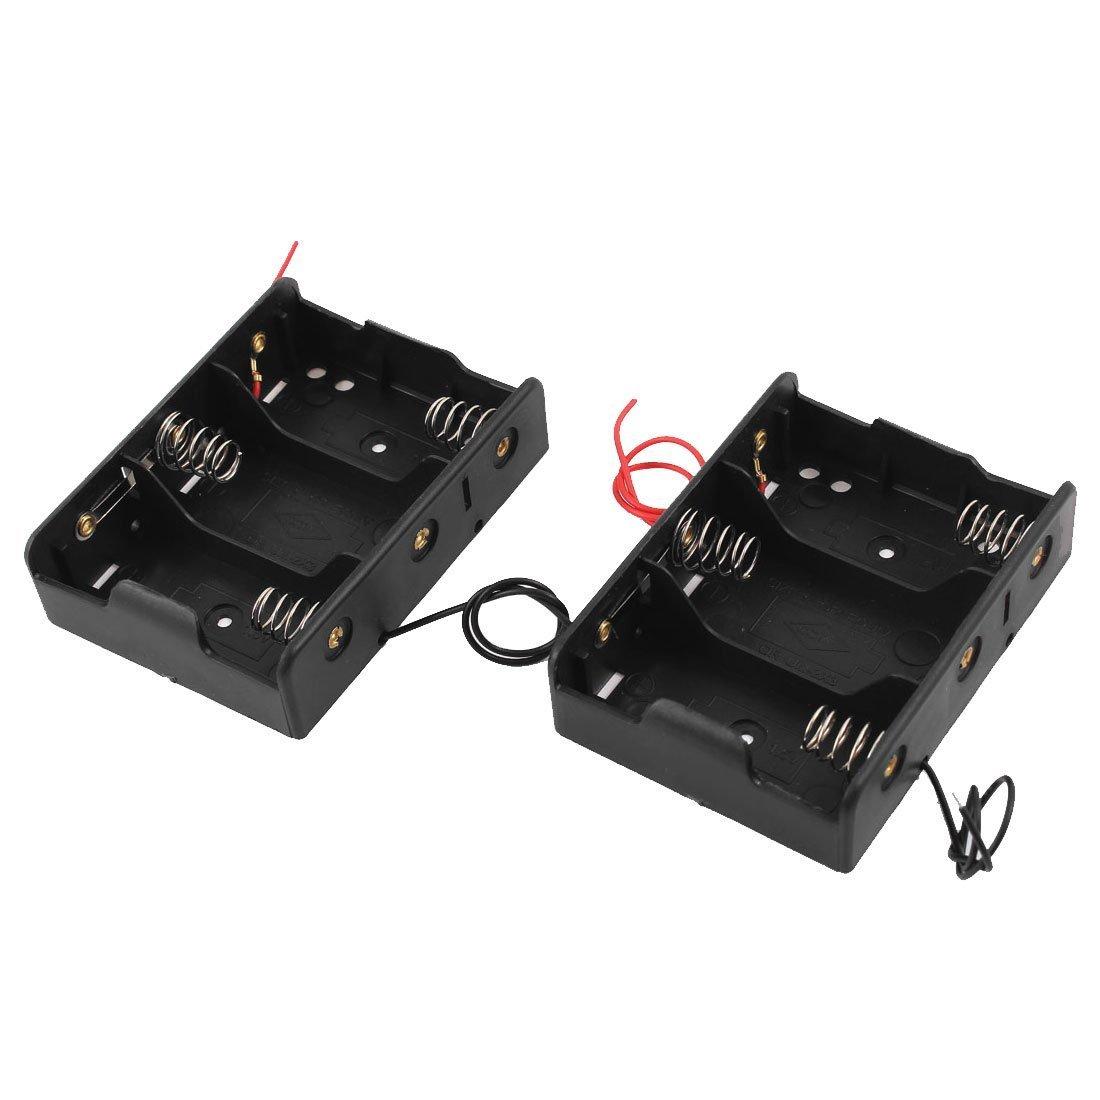 Battery Holder Case for 3 x C 1.5V Batteries - TOOGOO(R) Black Plastic Battery Holder Case 2 Pcs for 3 x C 1.5V Batteries